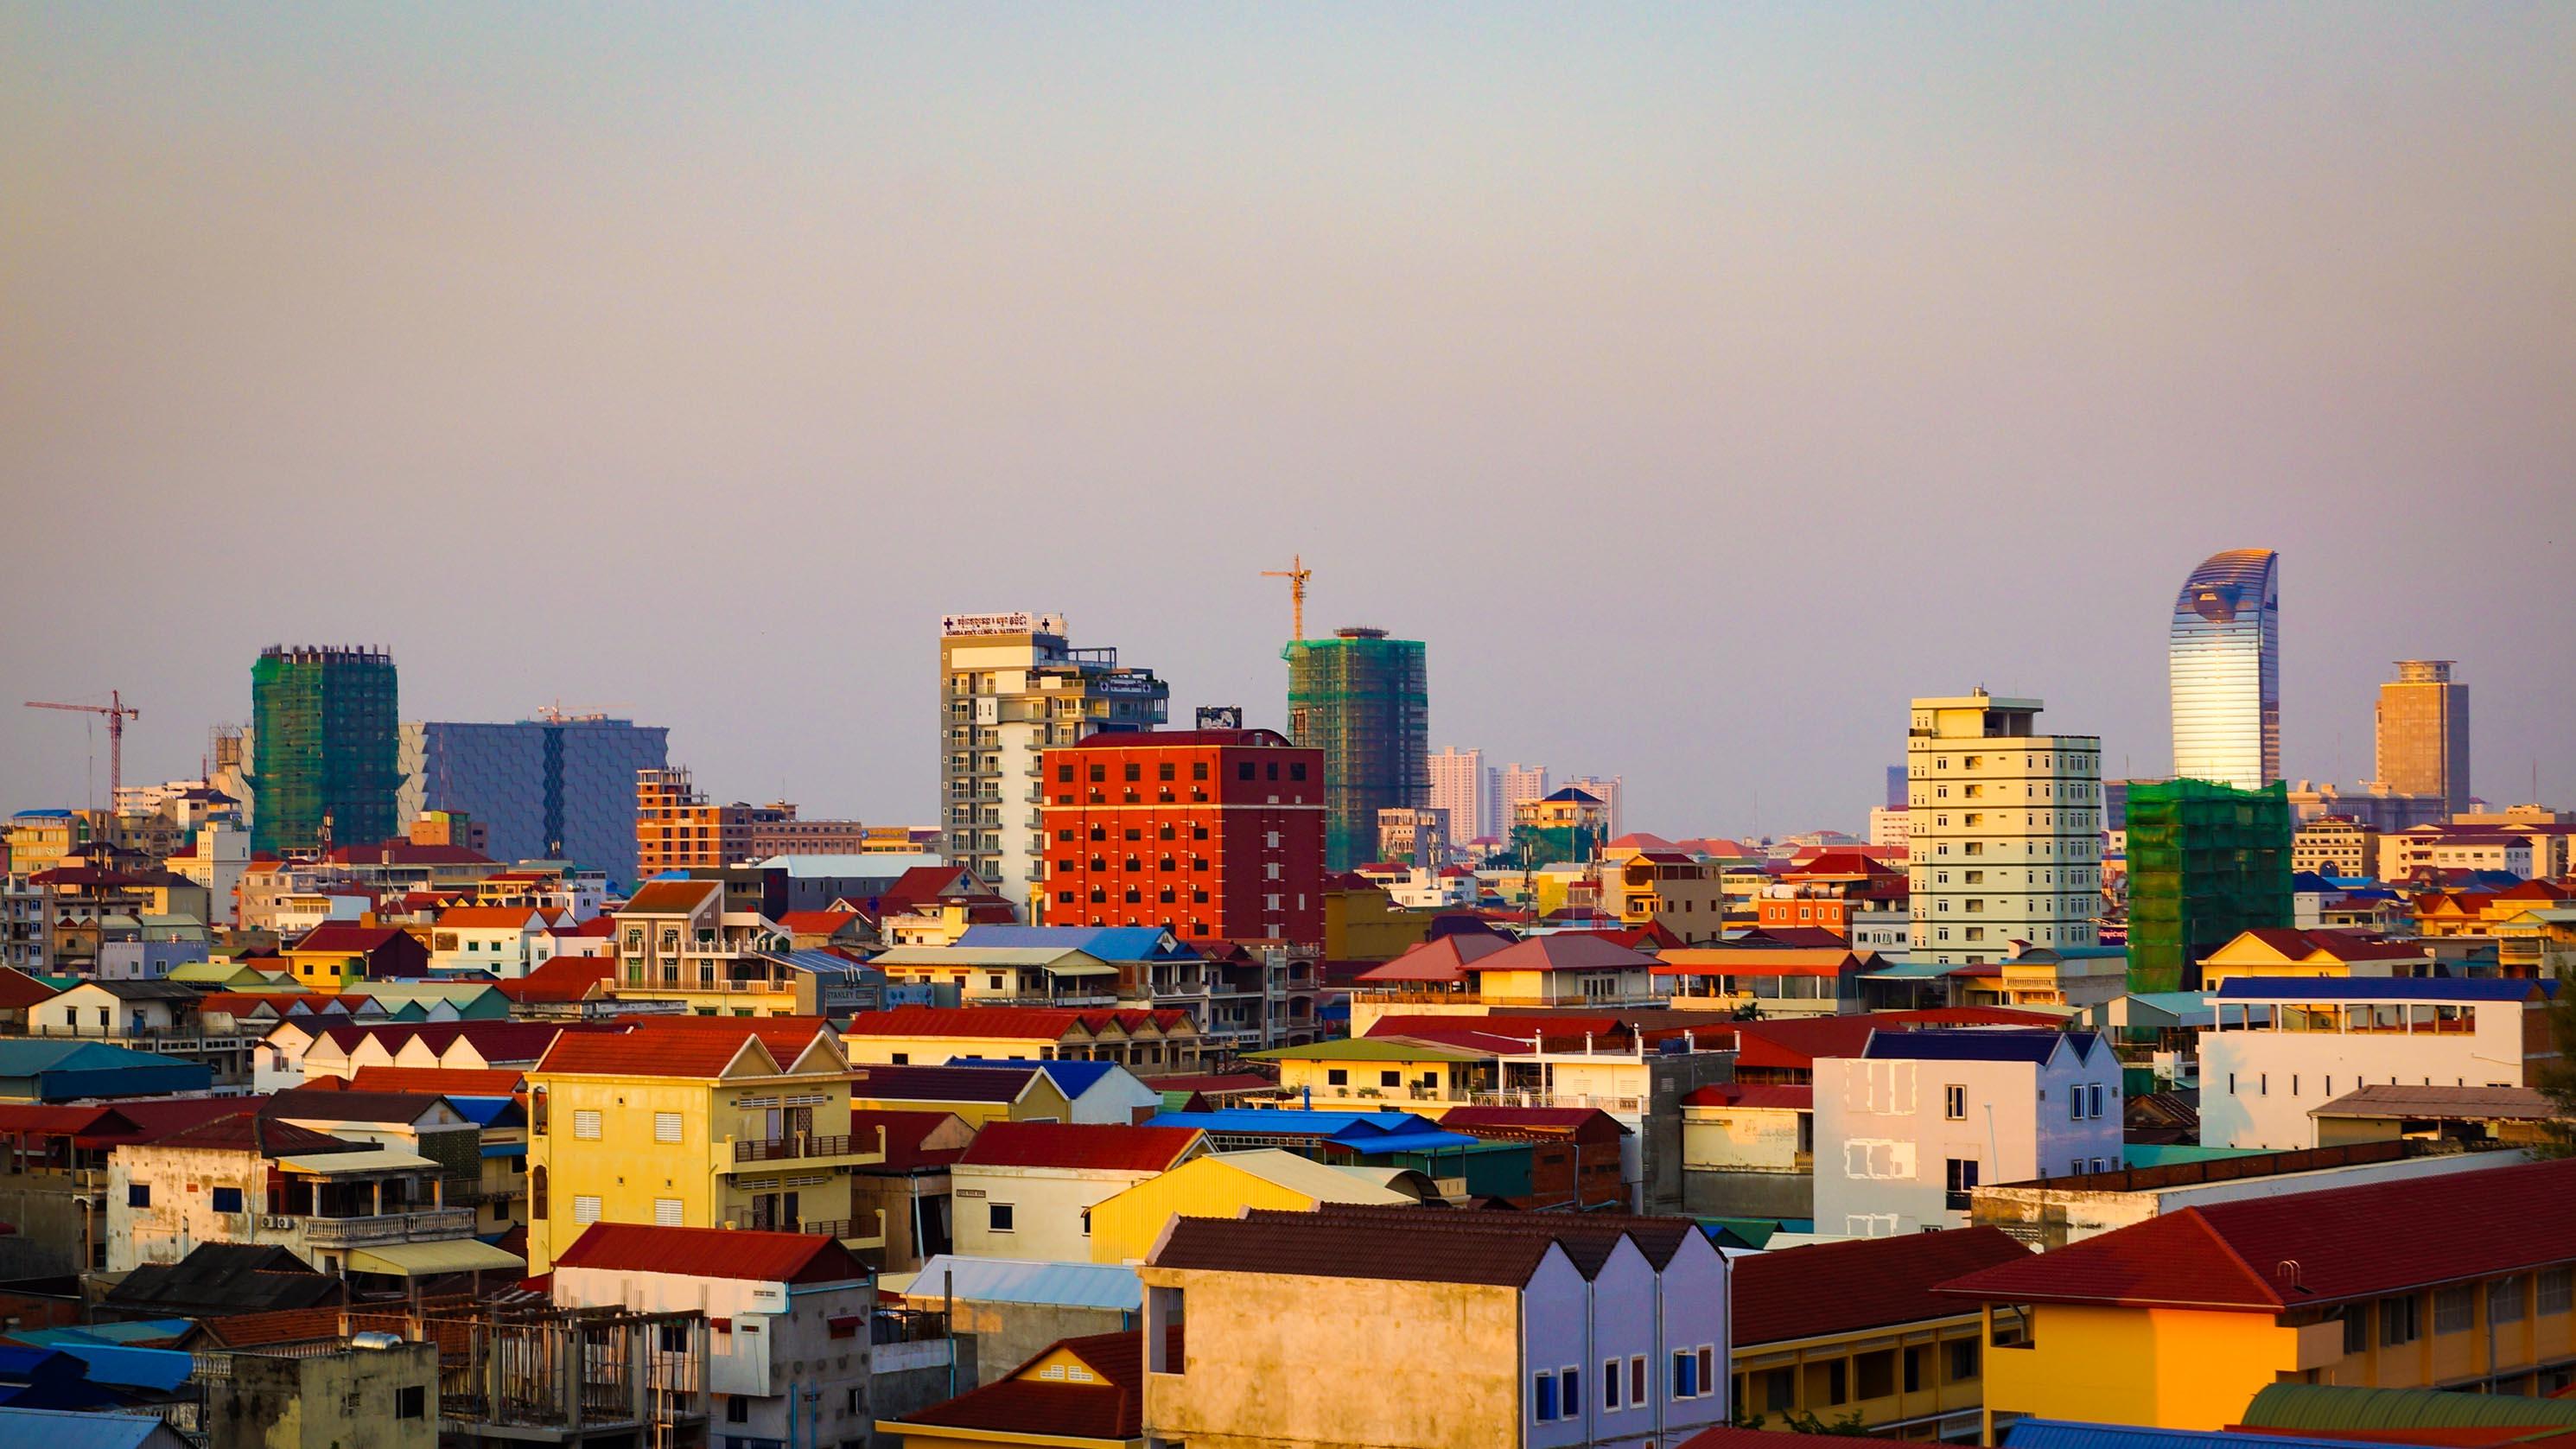 Kambodscha ade, Indonesien juchhe